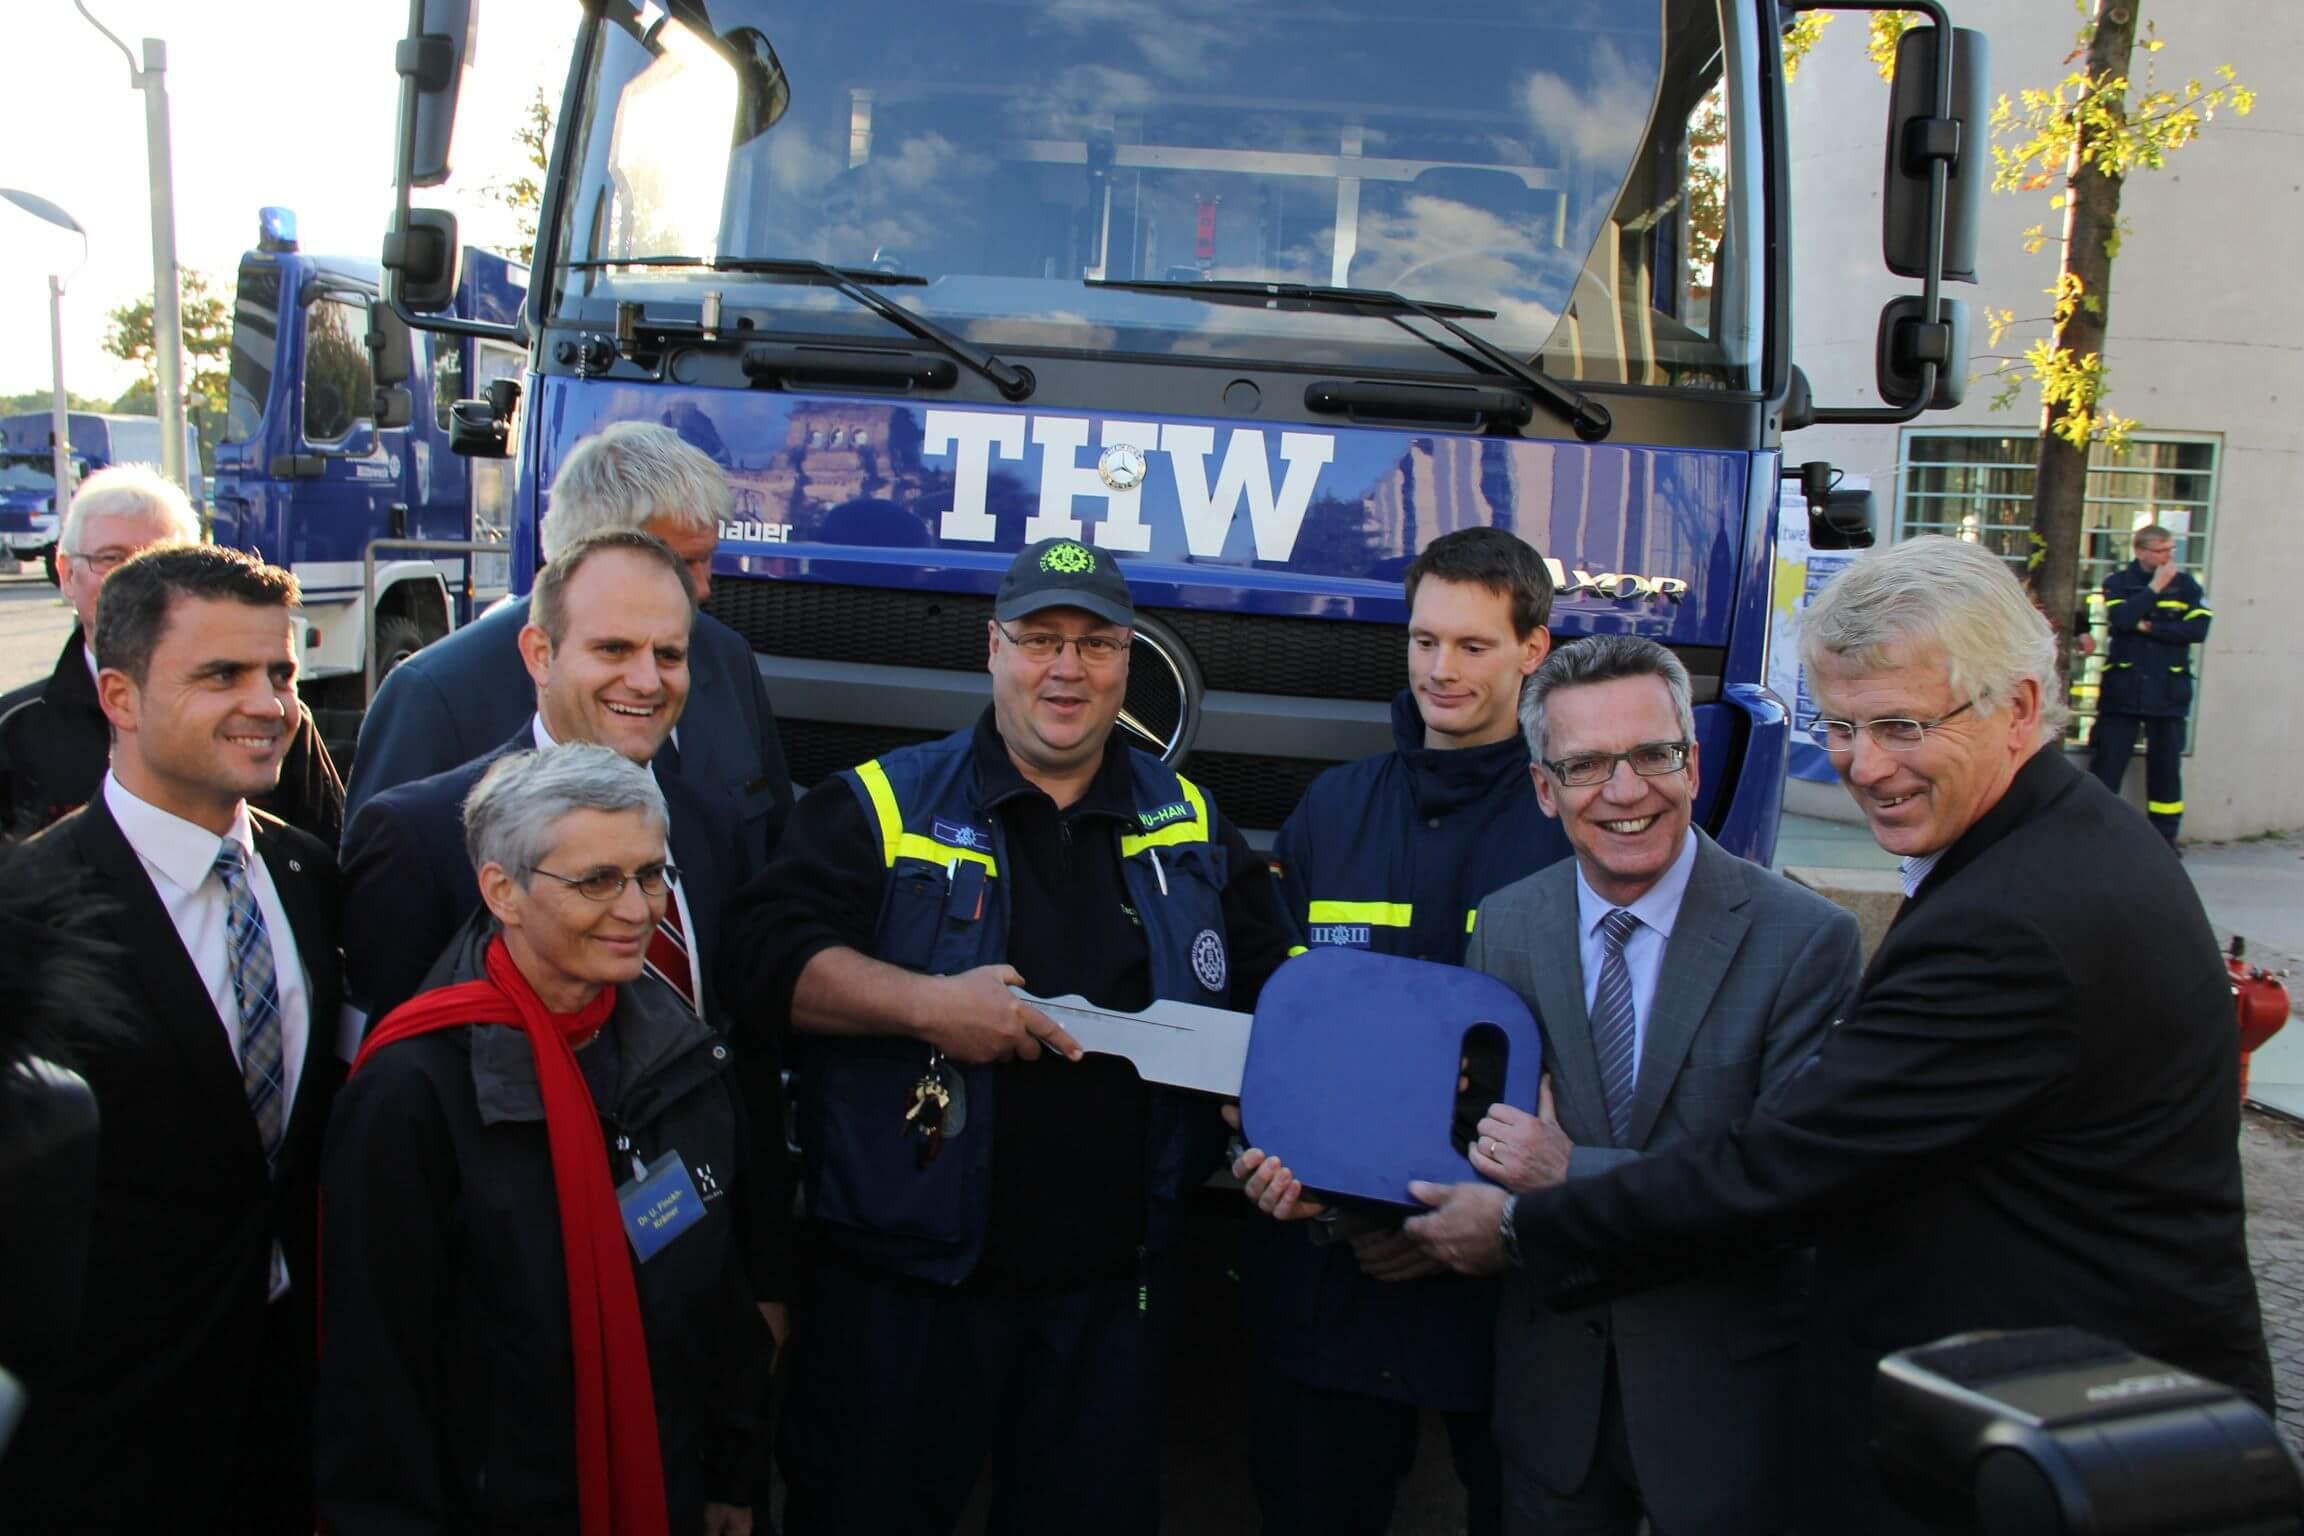 Bundesinnenminister übergibt THW Steglitz-Zehlendorf neues Fahrzeug